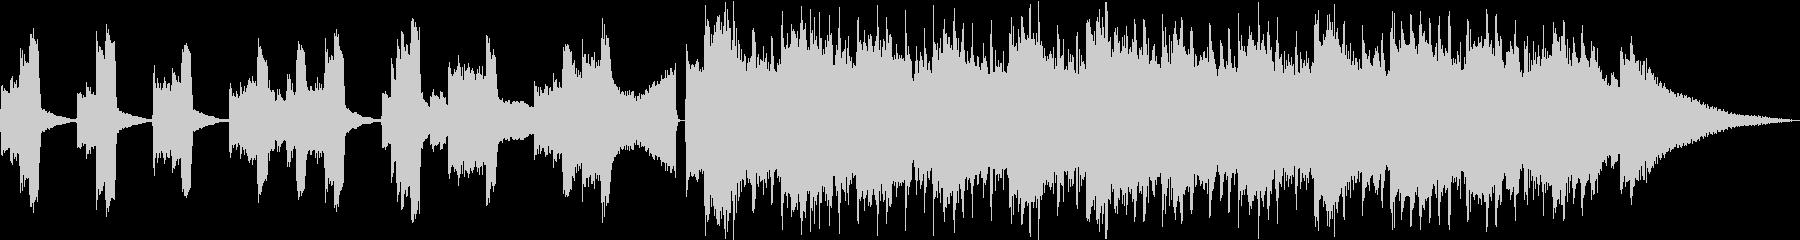 クールなアコギ30秒CMの未再生の波形